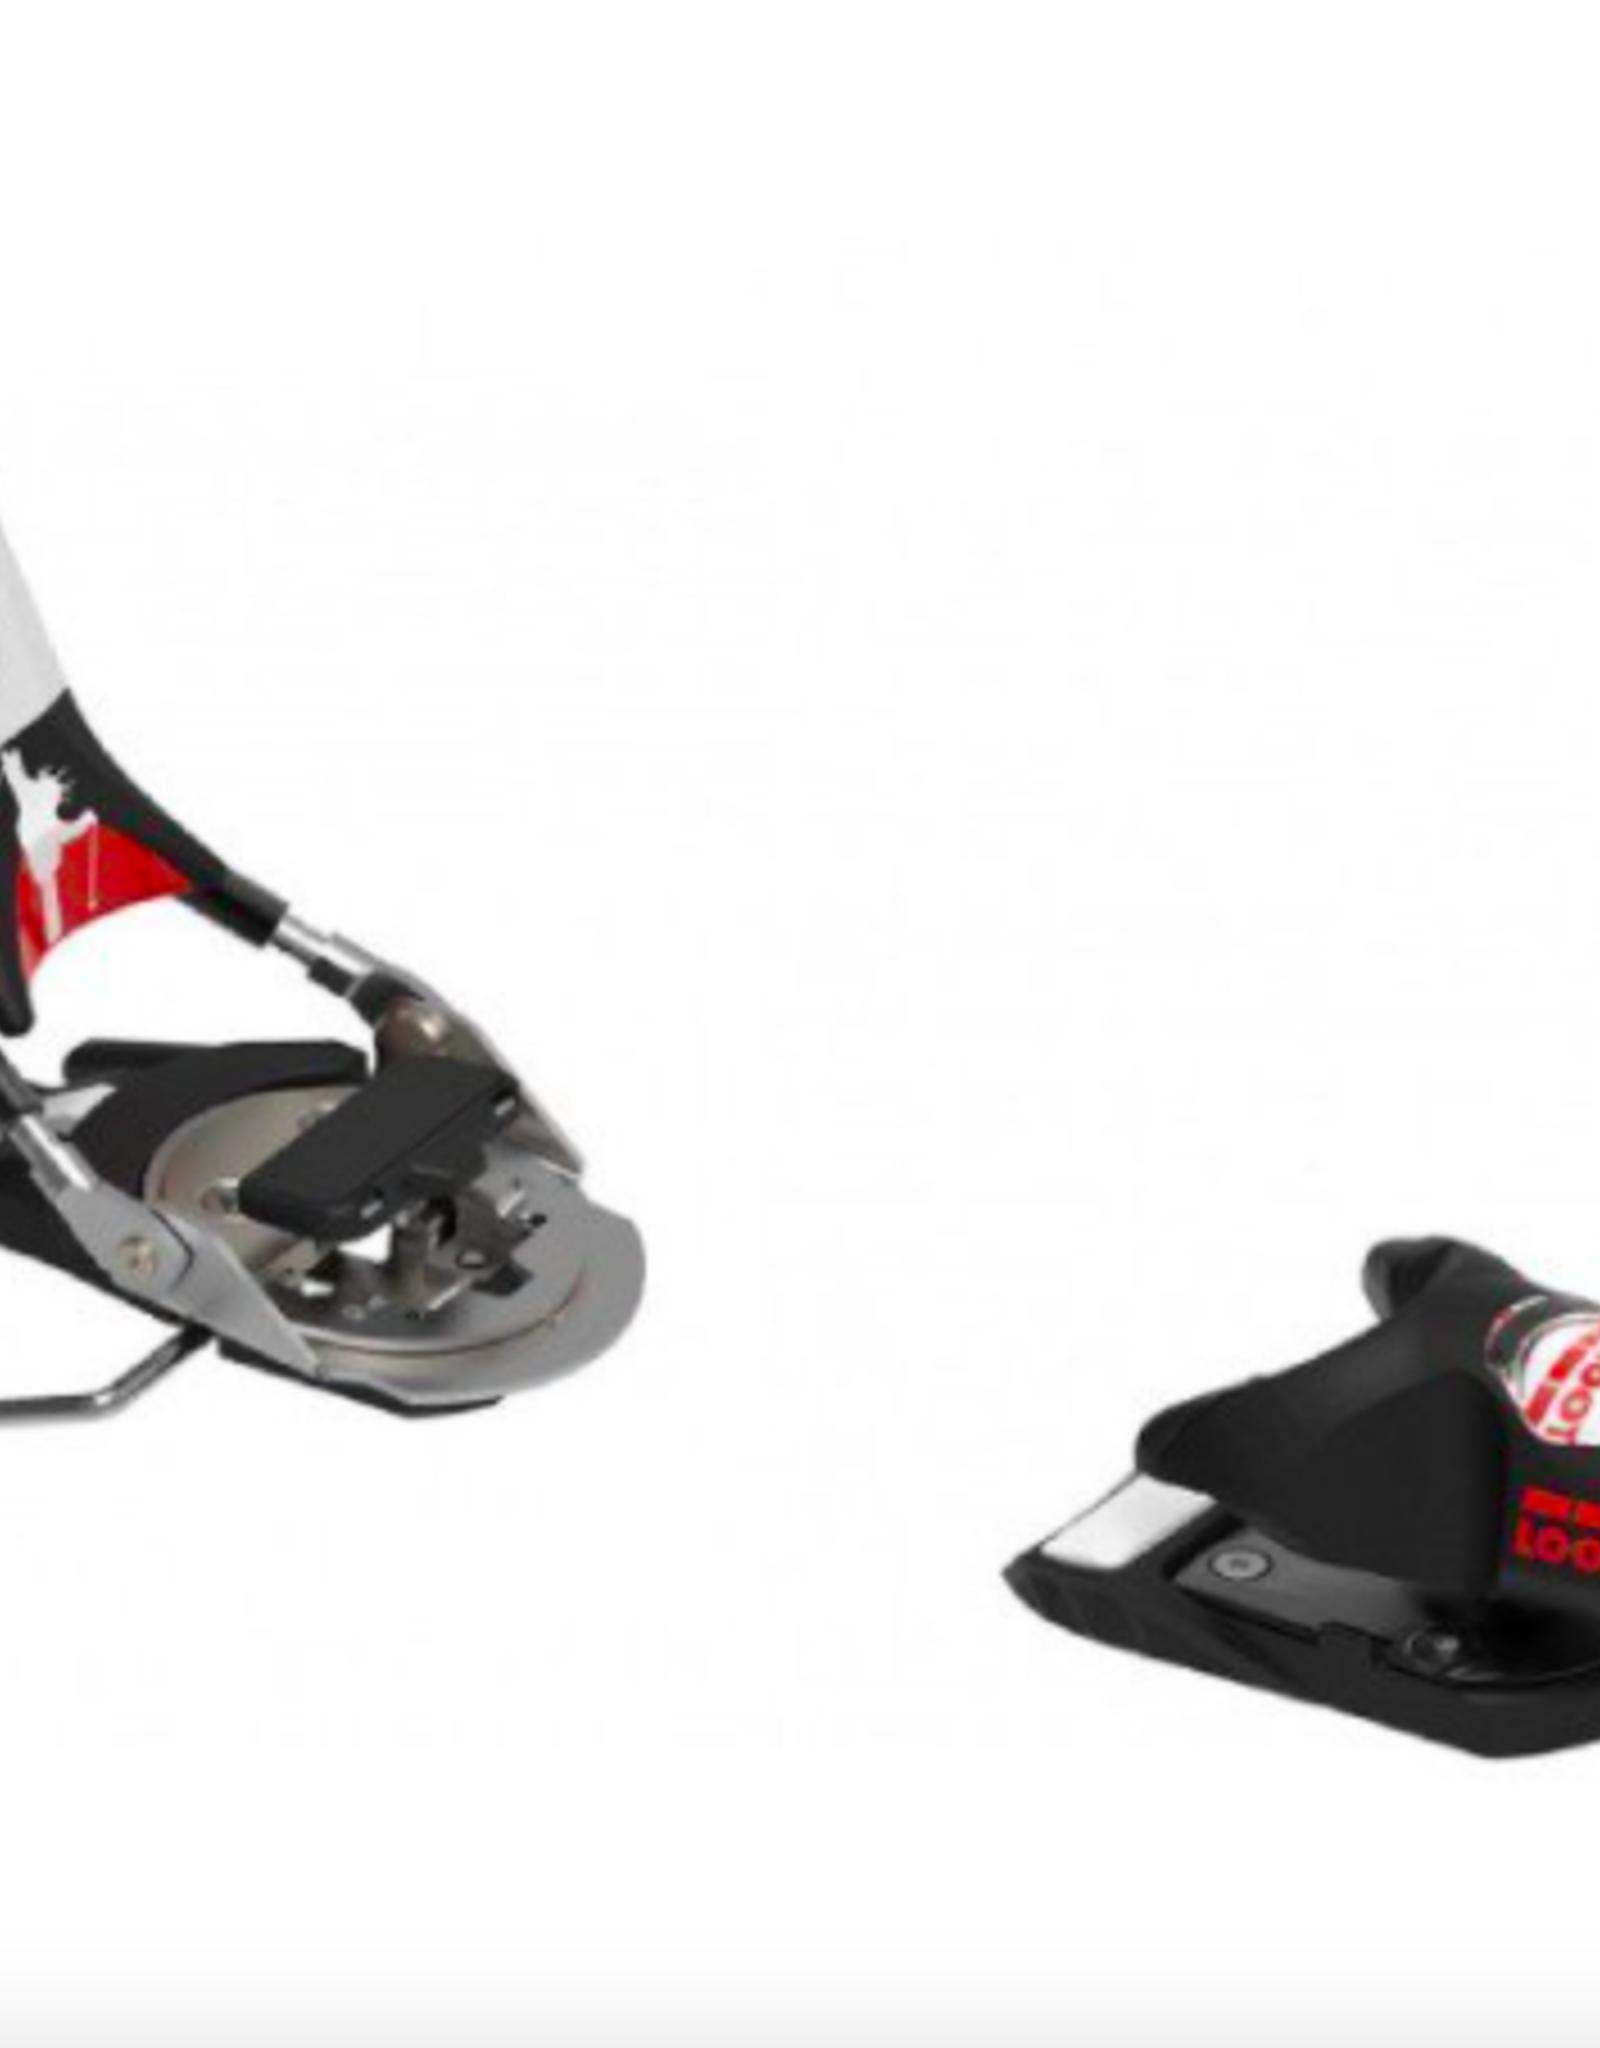 Look Pivot 15 GW Ski Bindings Henrik Harlaut 2022